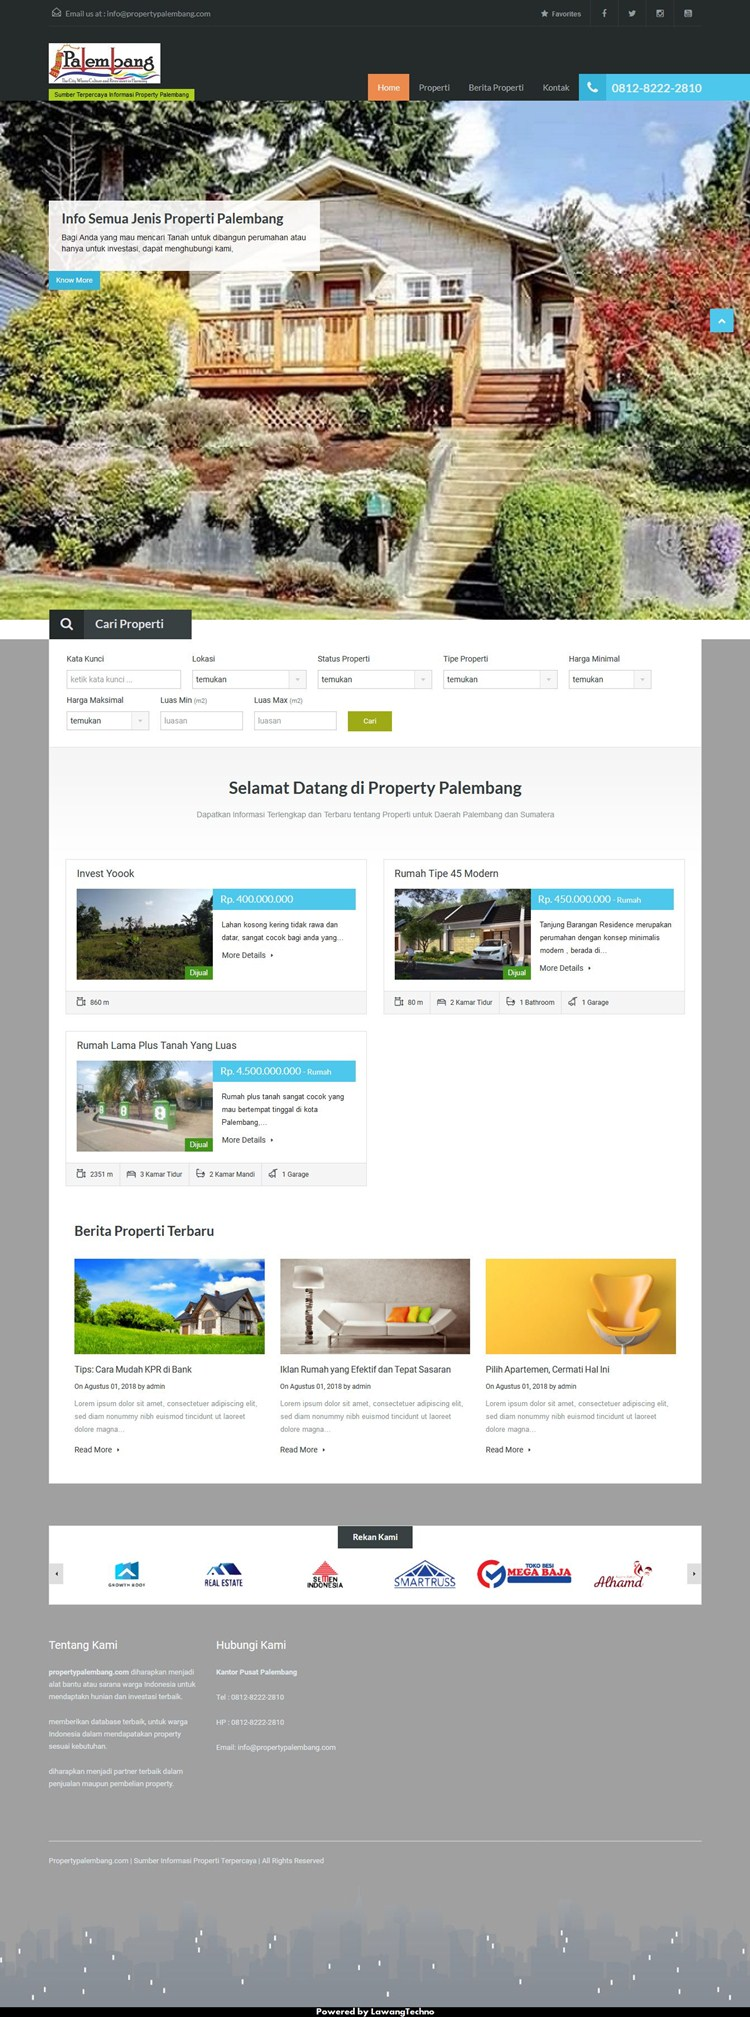 Property Palembang